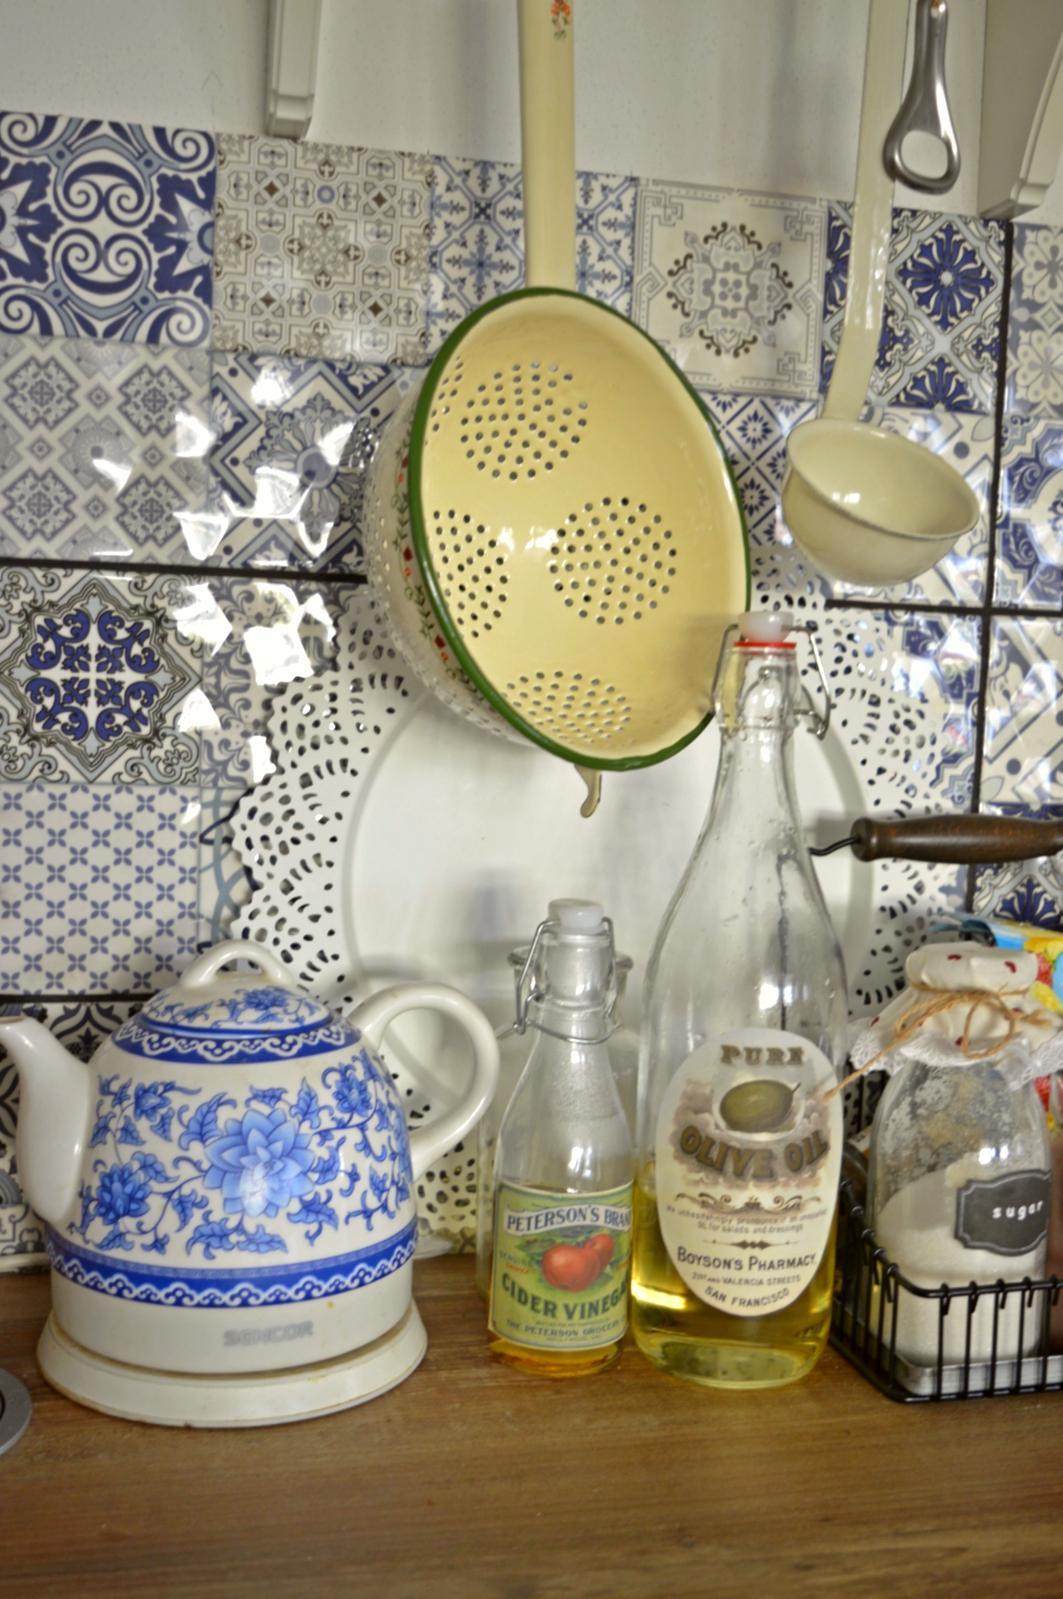 Domček v poli - Obycajne flasky z Pepca za euricko a vytlacene nalepky na olej a ocot a hned to vyzera k svetu :)